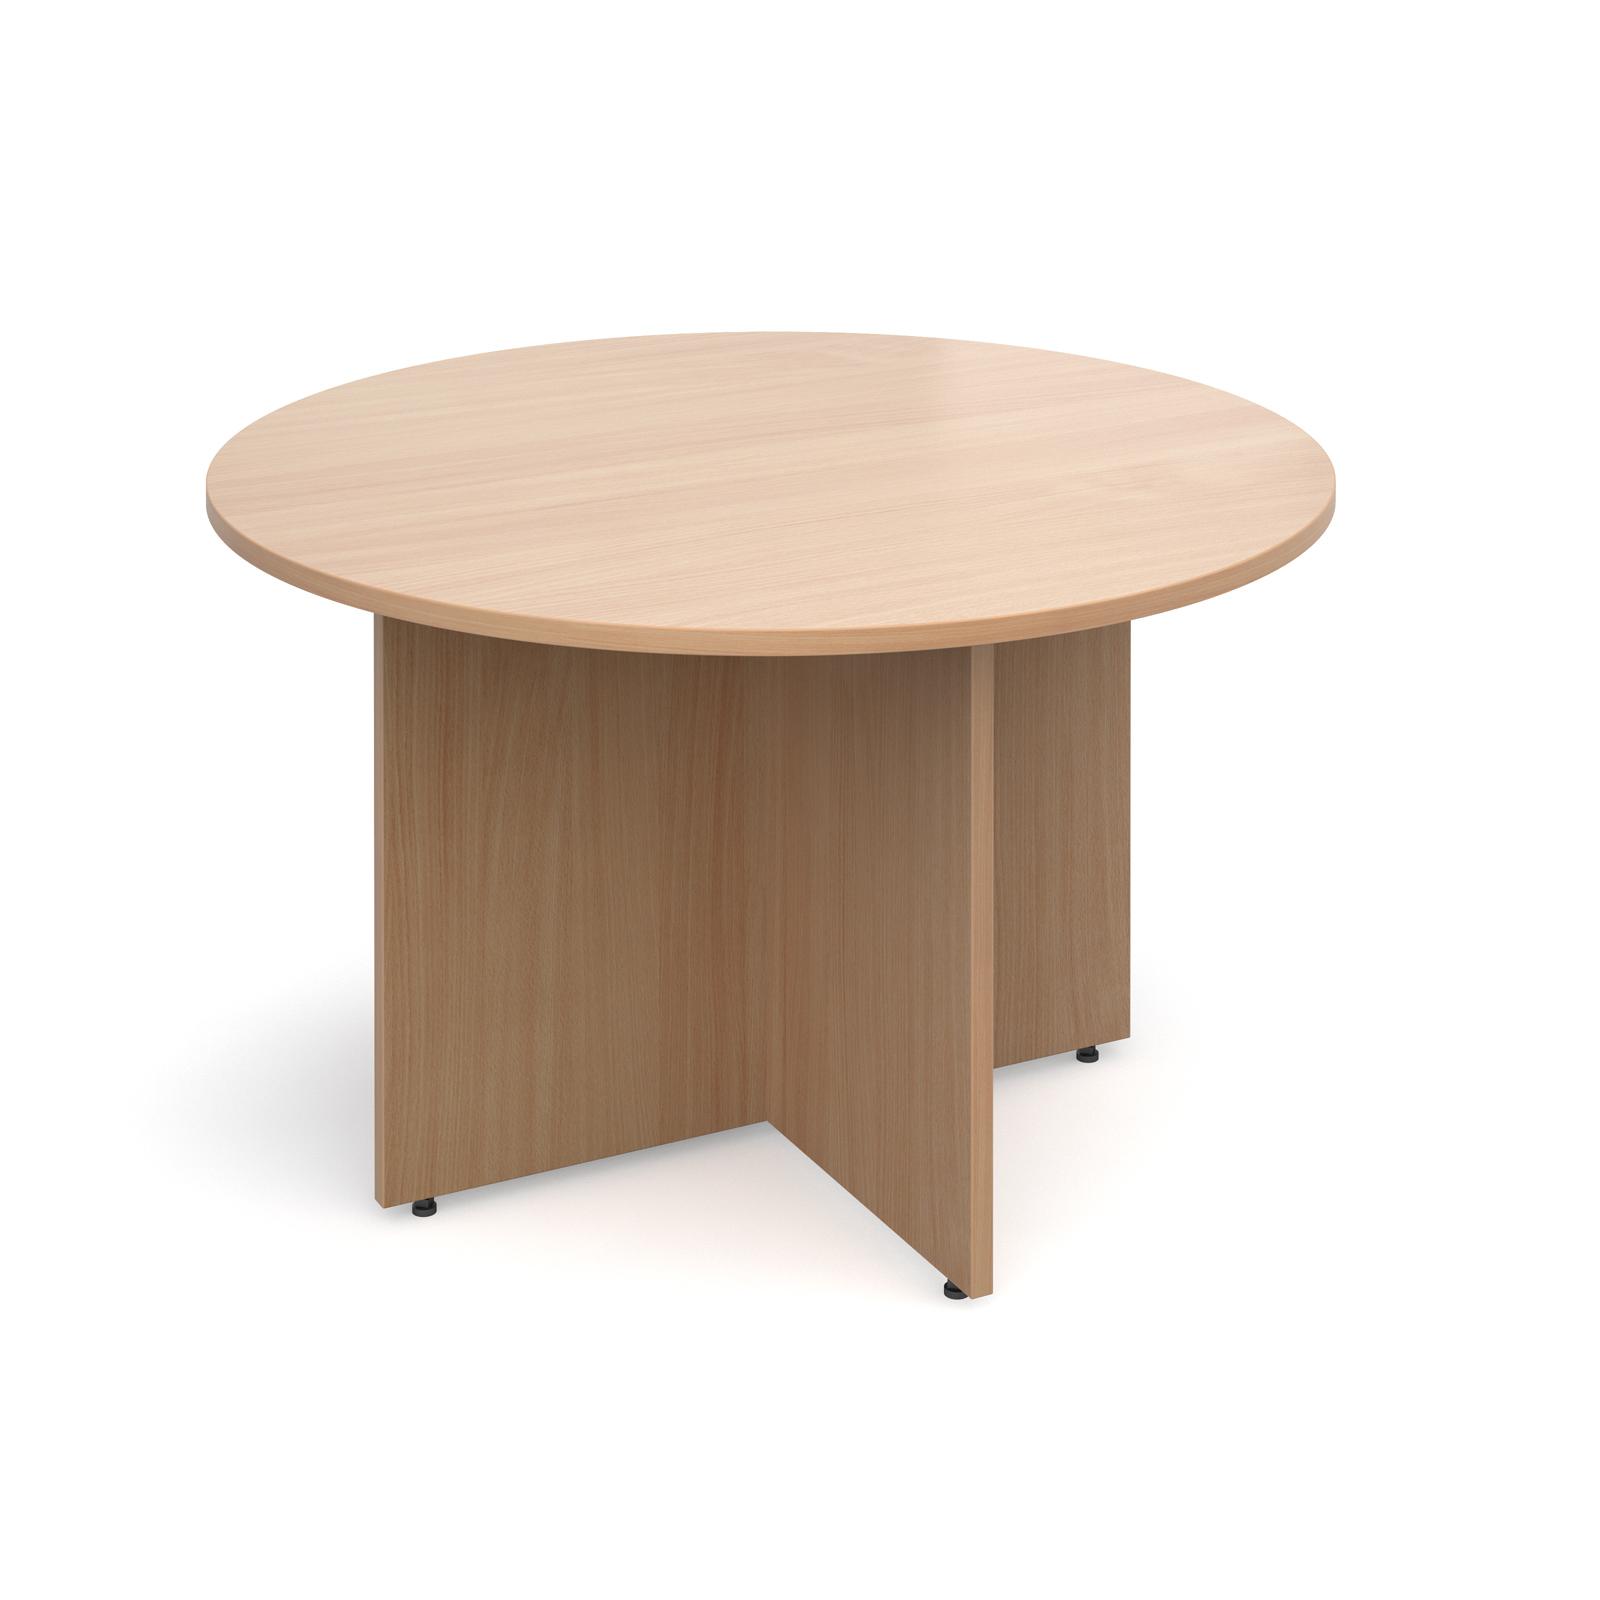 Boardroom / Meeting Arrow head leg circular meeting table